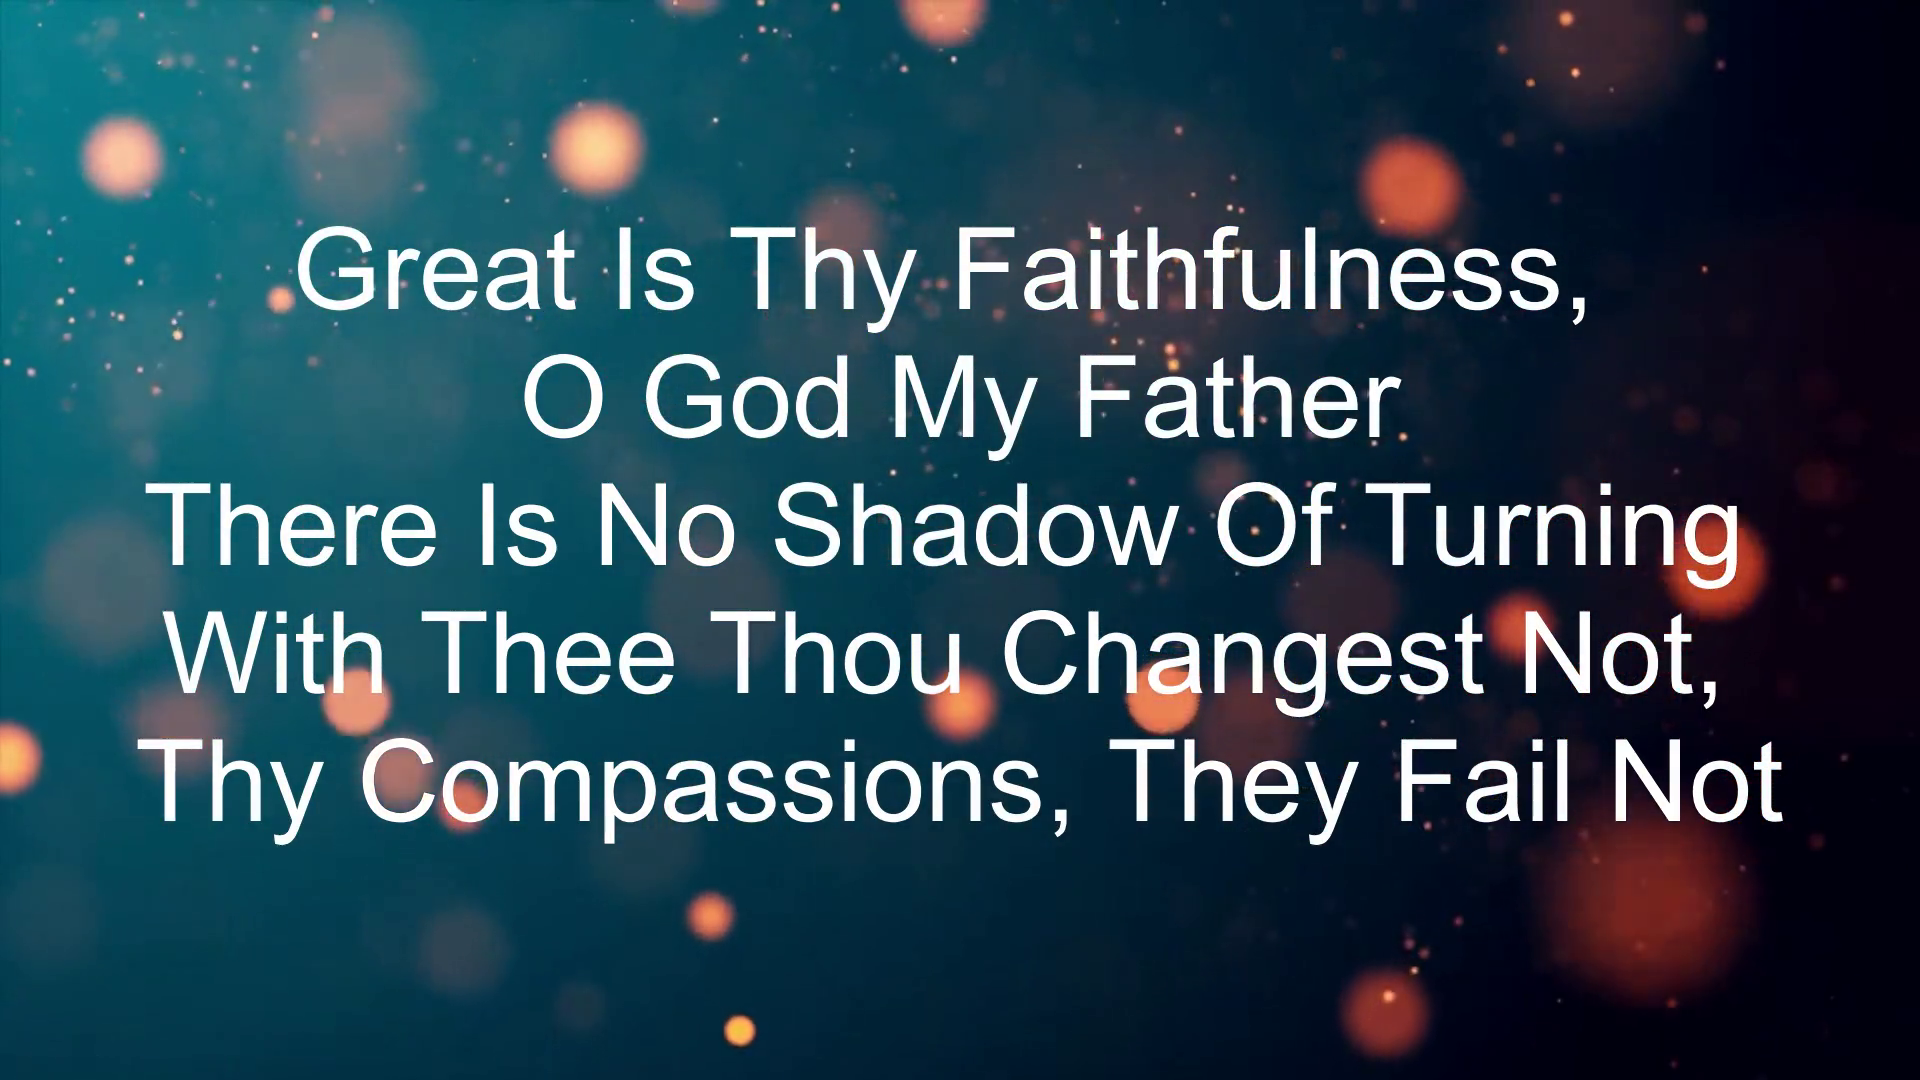 Great Is Thy Faithfulness